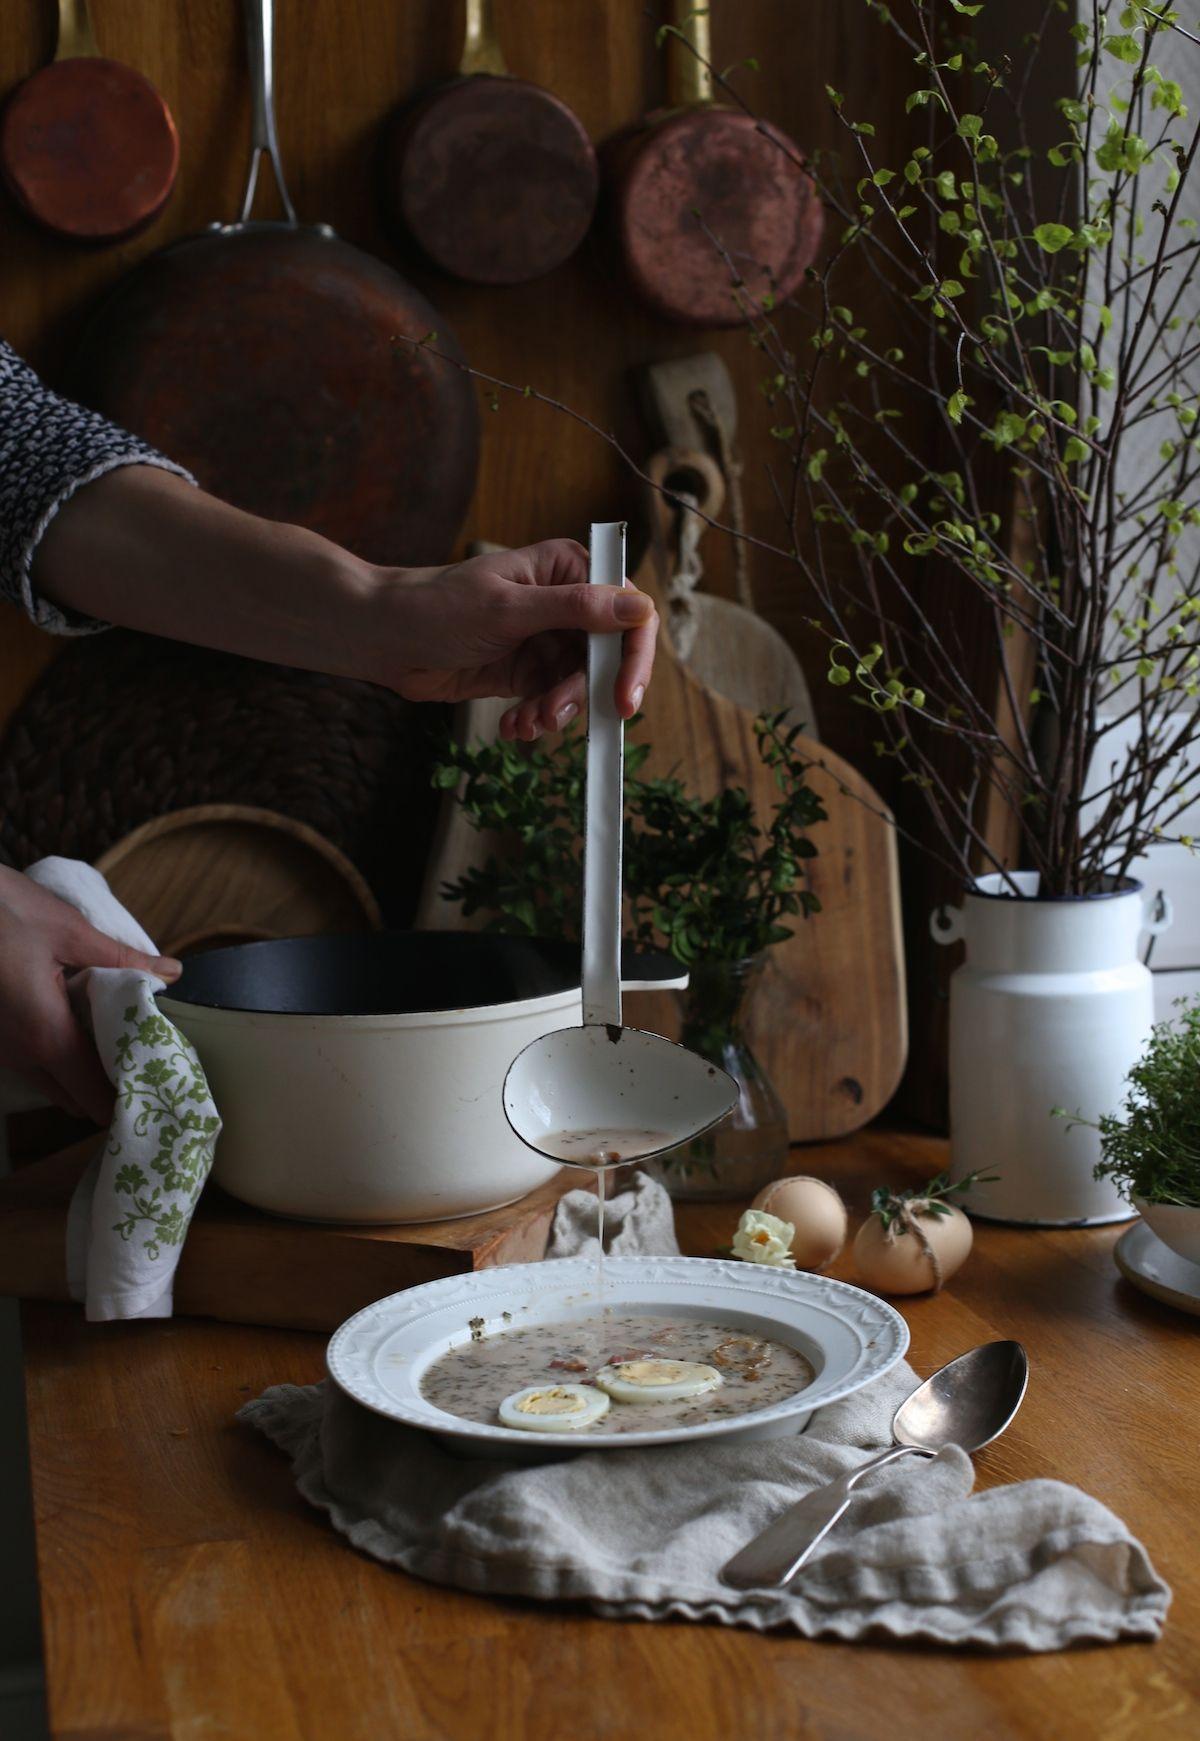 Barszcz Bialy Z Prawdzikami Food To Make Tiered Cakes Cooking